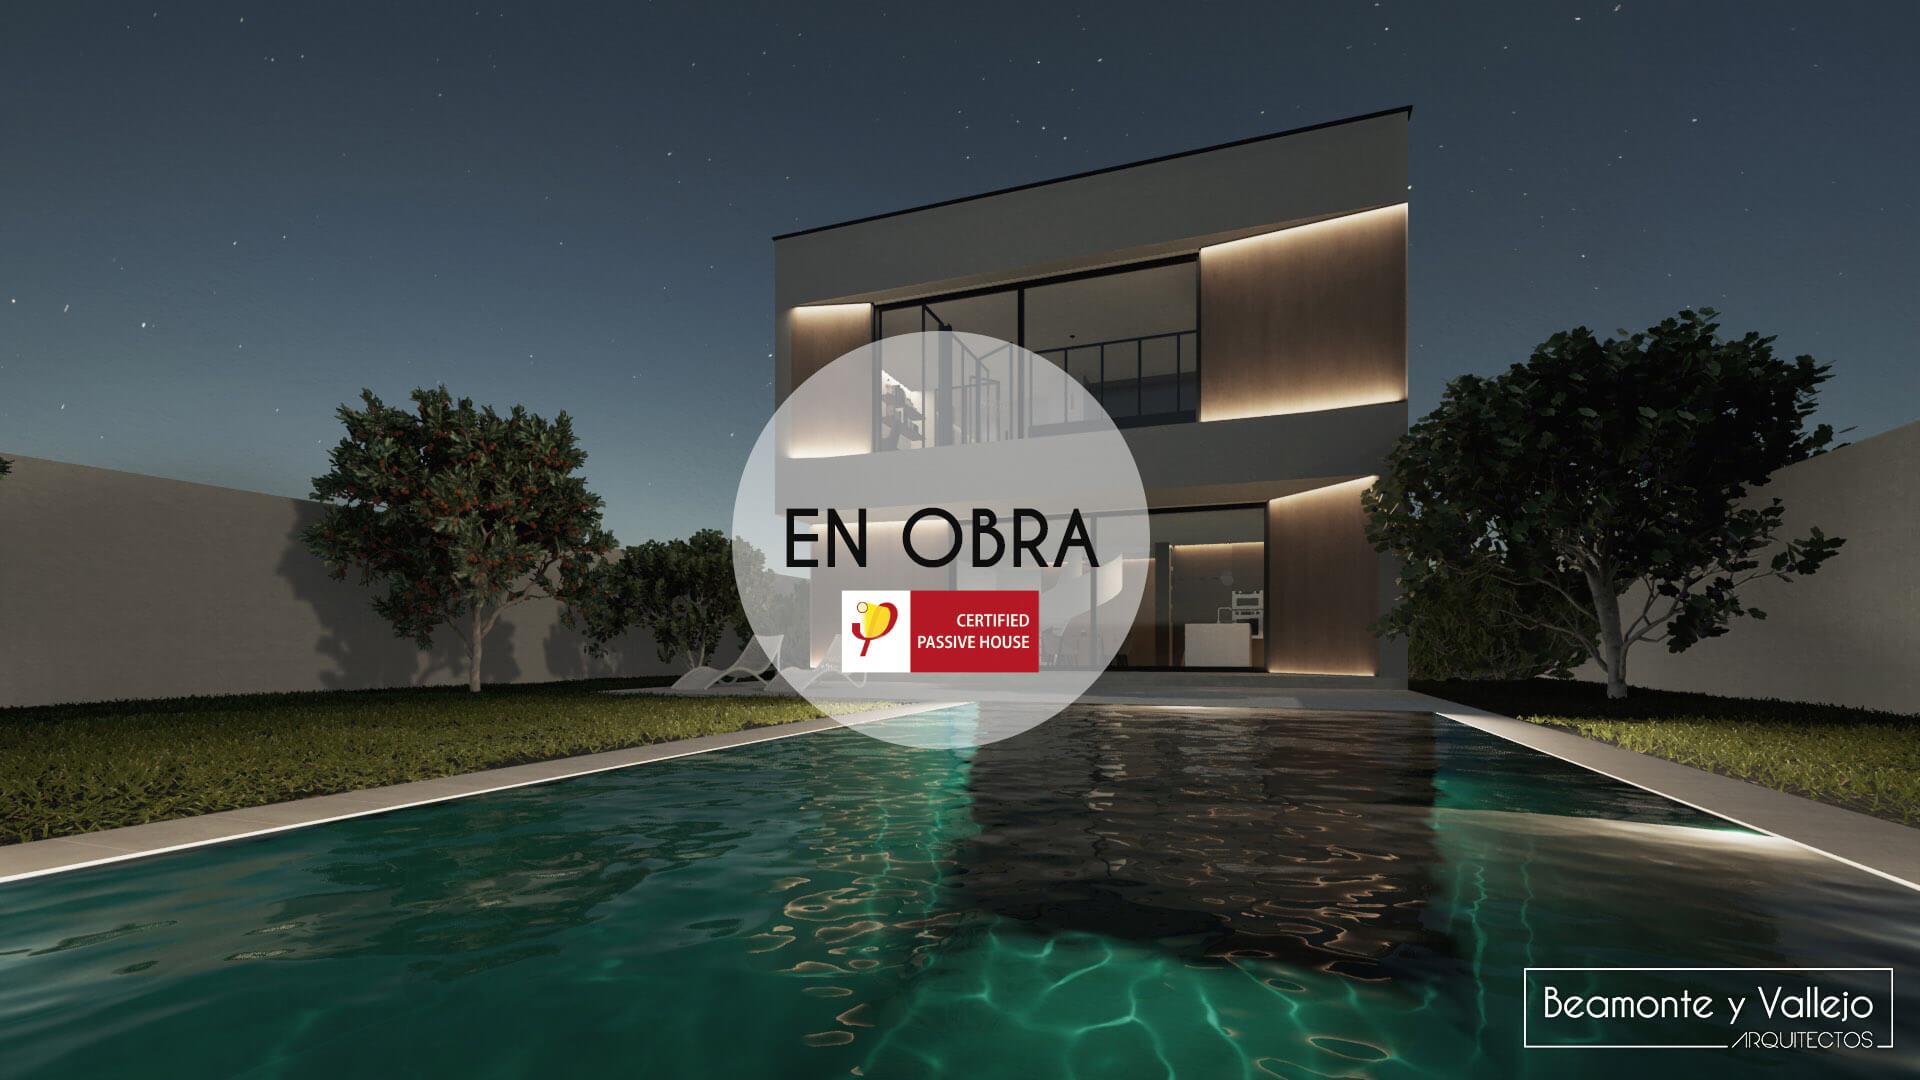 Beamonte y Vallejo arquitectos - Passivhaus Rocafort, Valencia en obra - 1